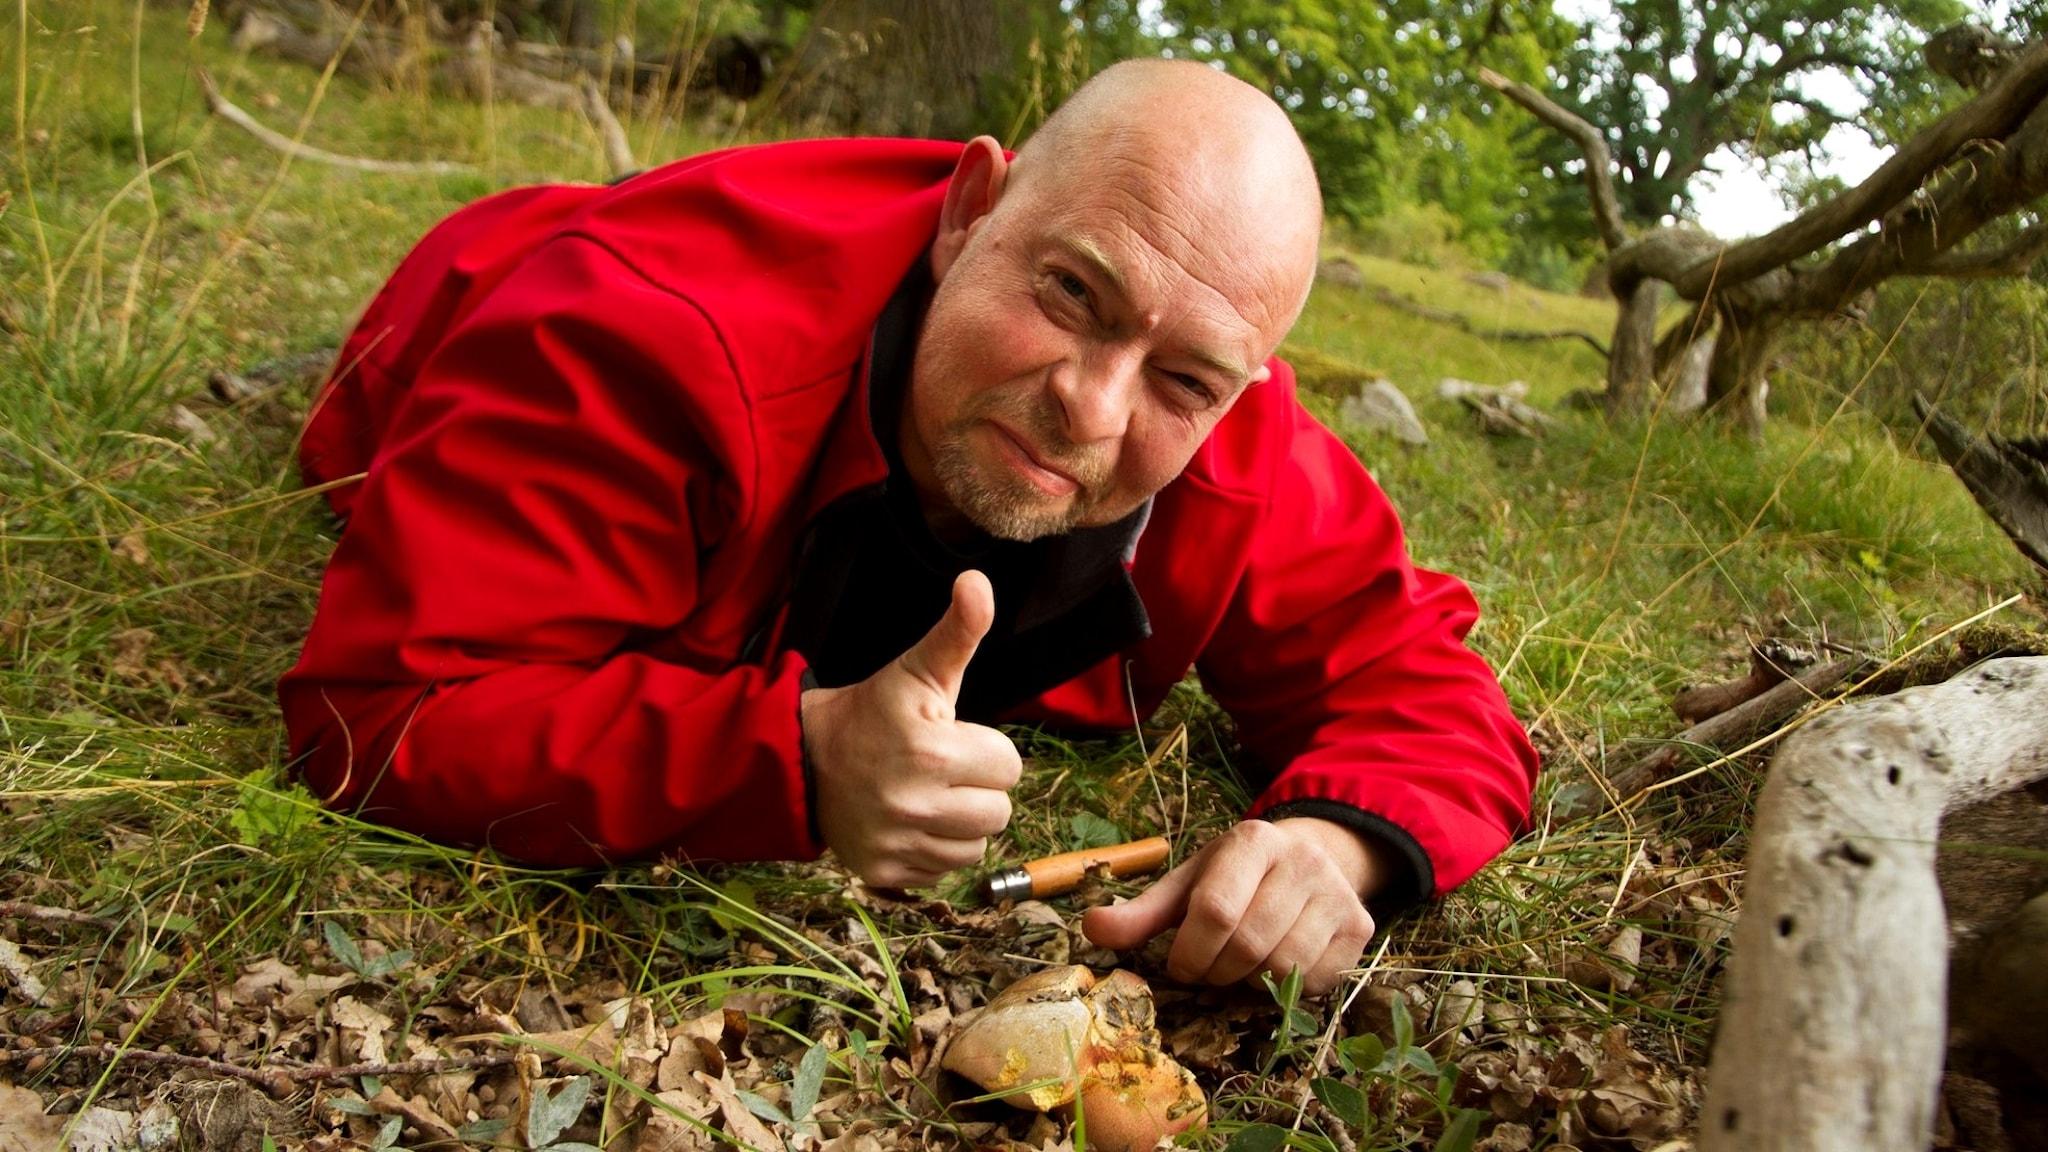 En glad man ligger på mage i gräset intill en svamp och gör tummen upp